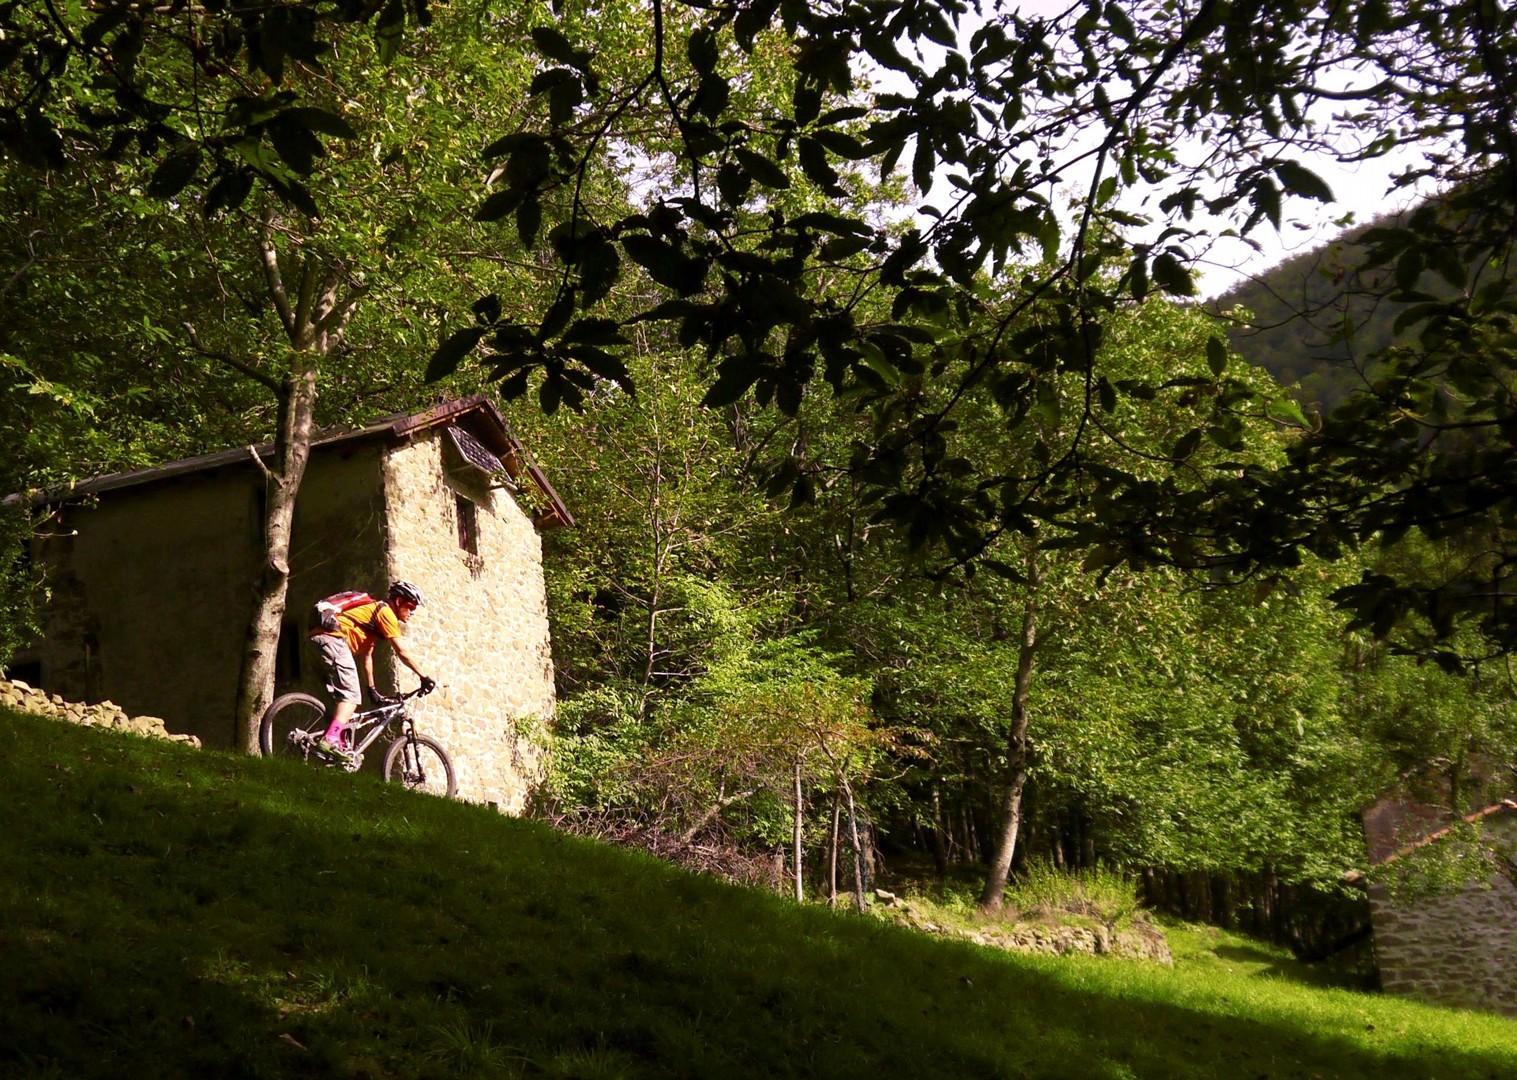 _Holiday.863.16223.jpg - Italy - Via Francigena (Tuscany to Rome) - Guided Mountain Biking Holiday - Italia Mountain Biking